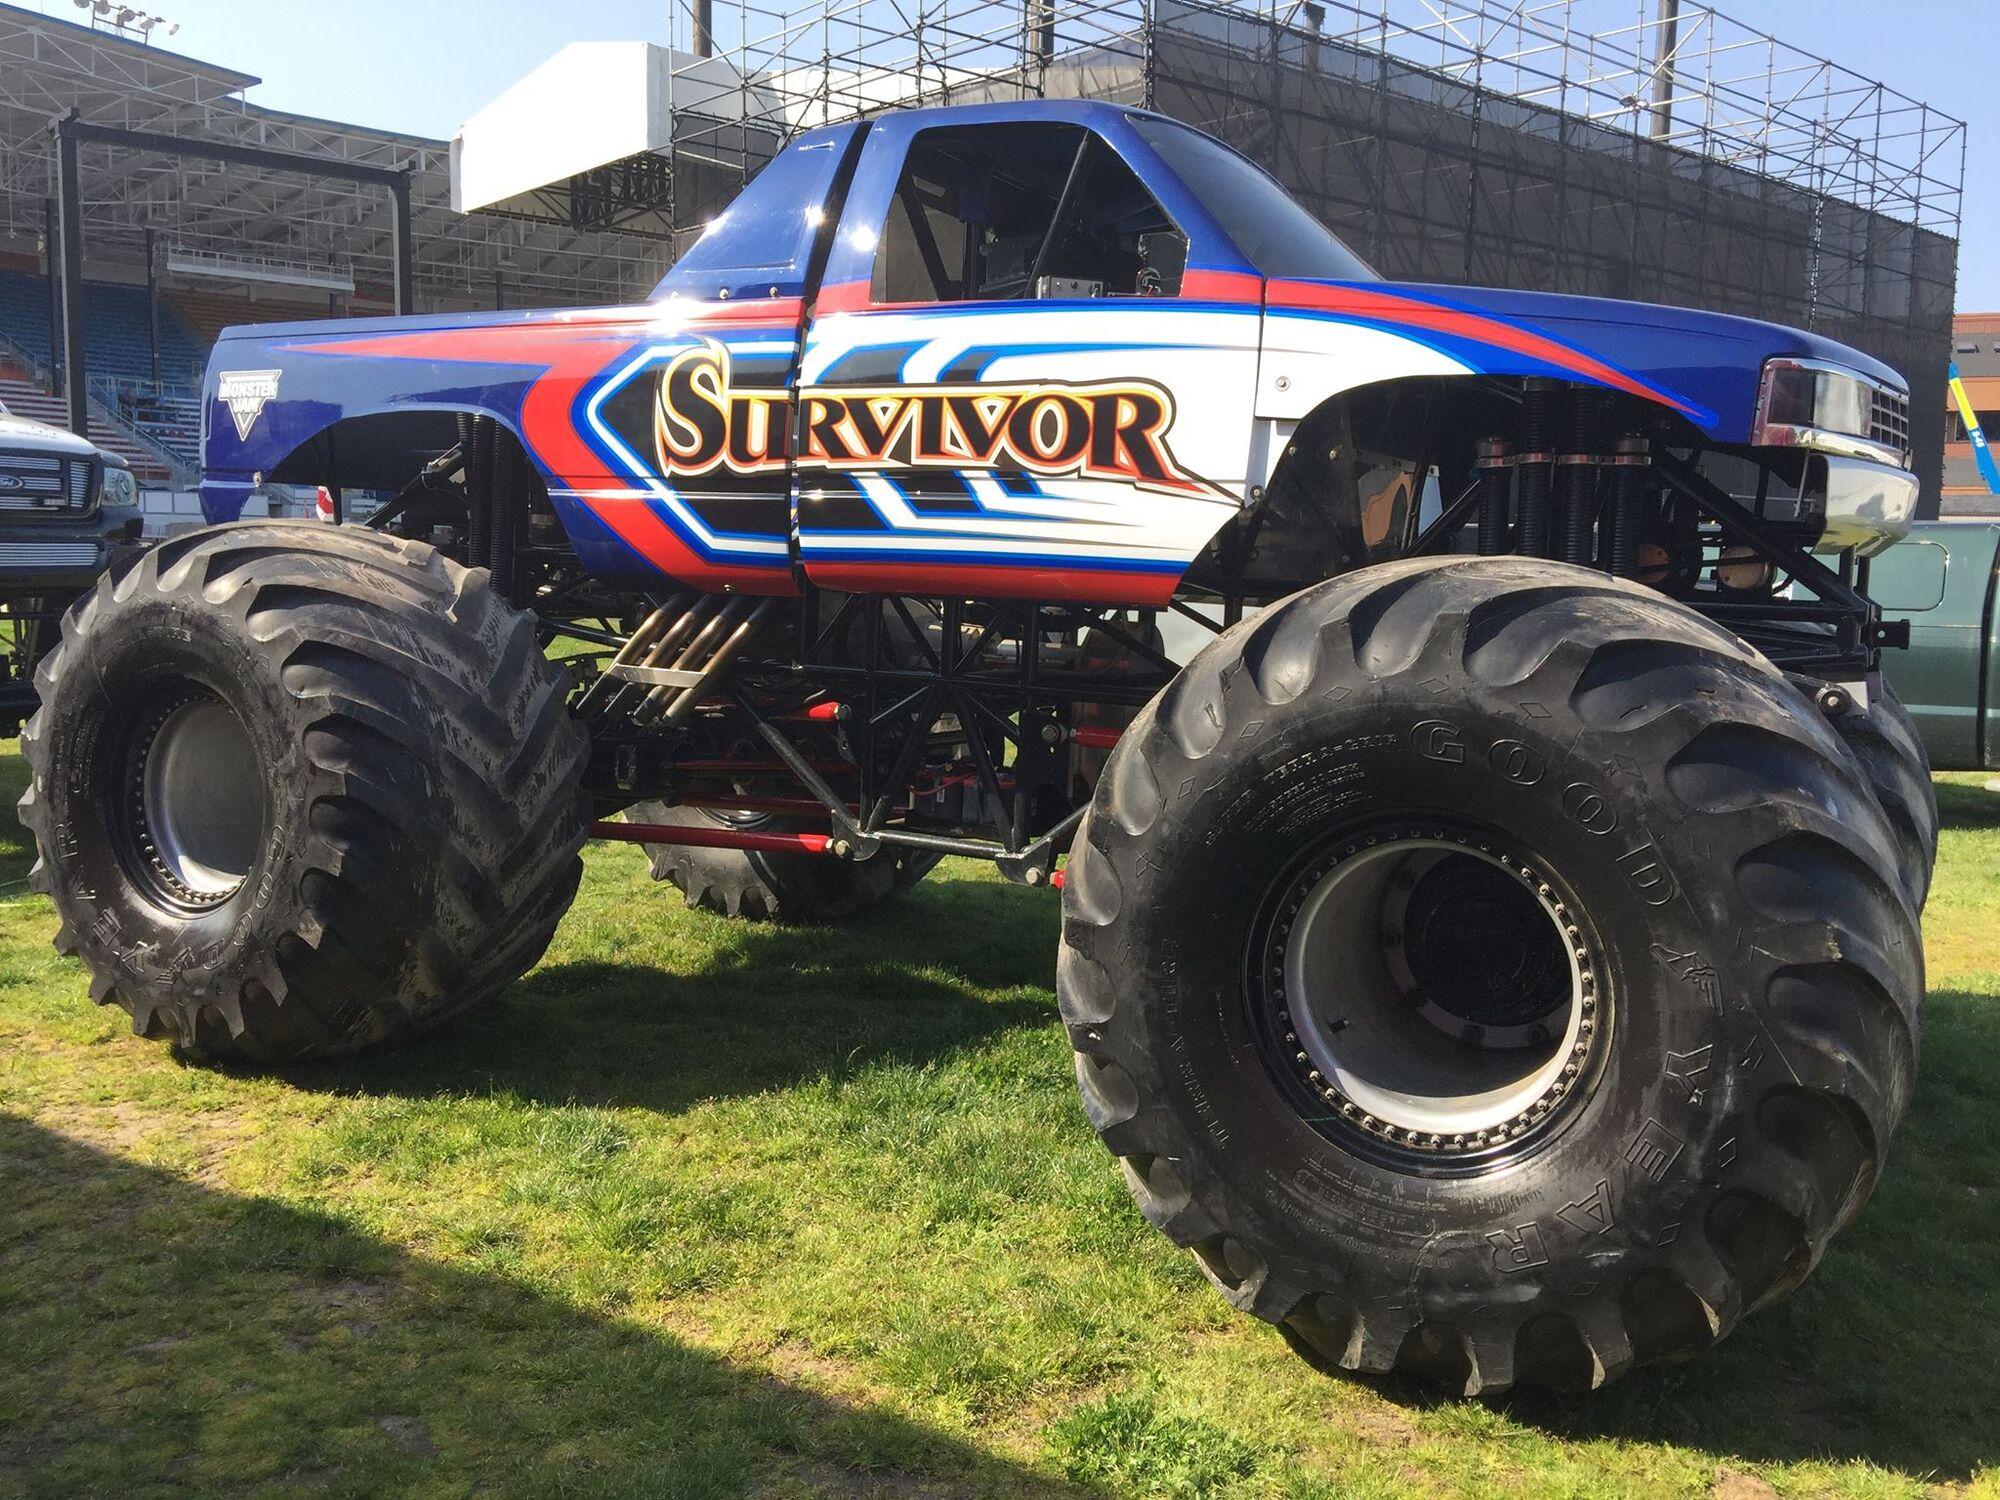 Thunder tiger mt4 monster truck